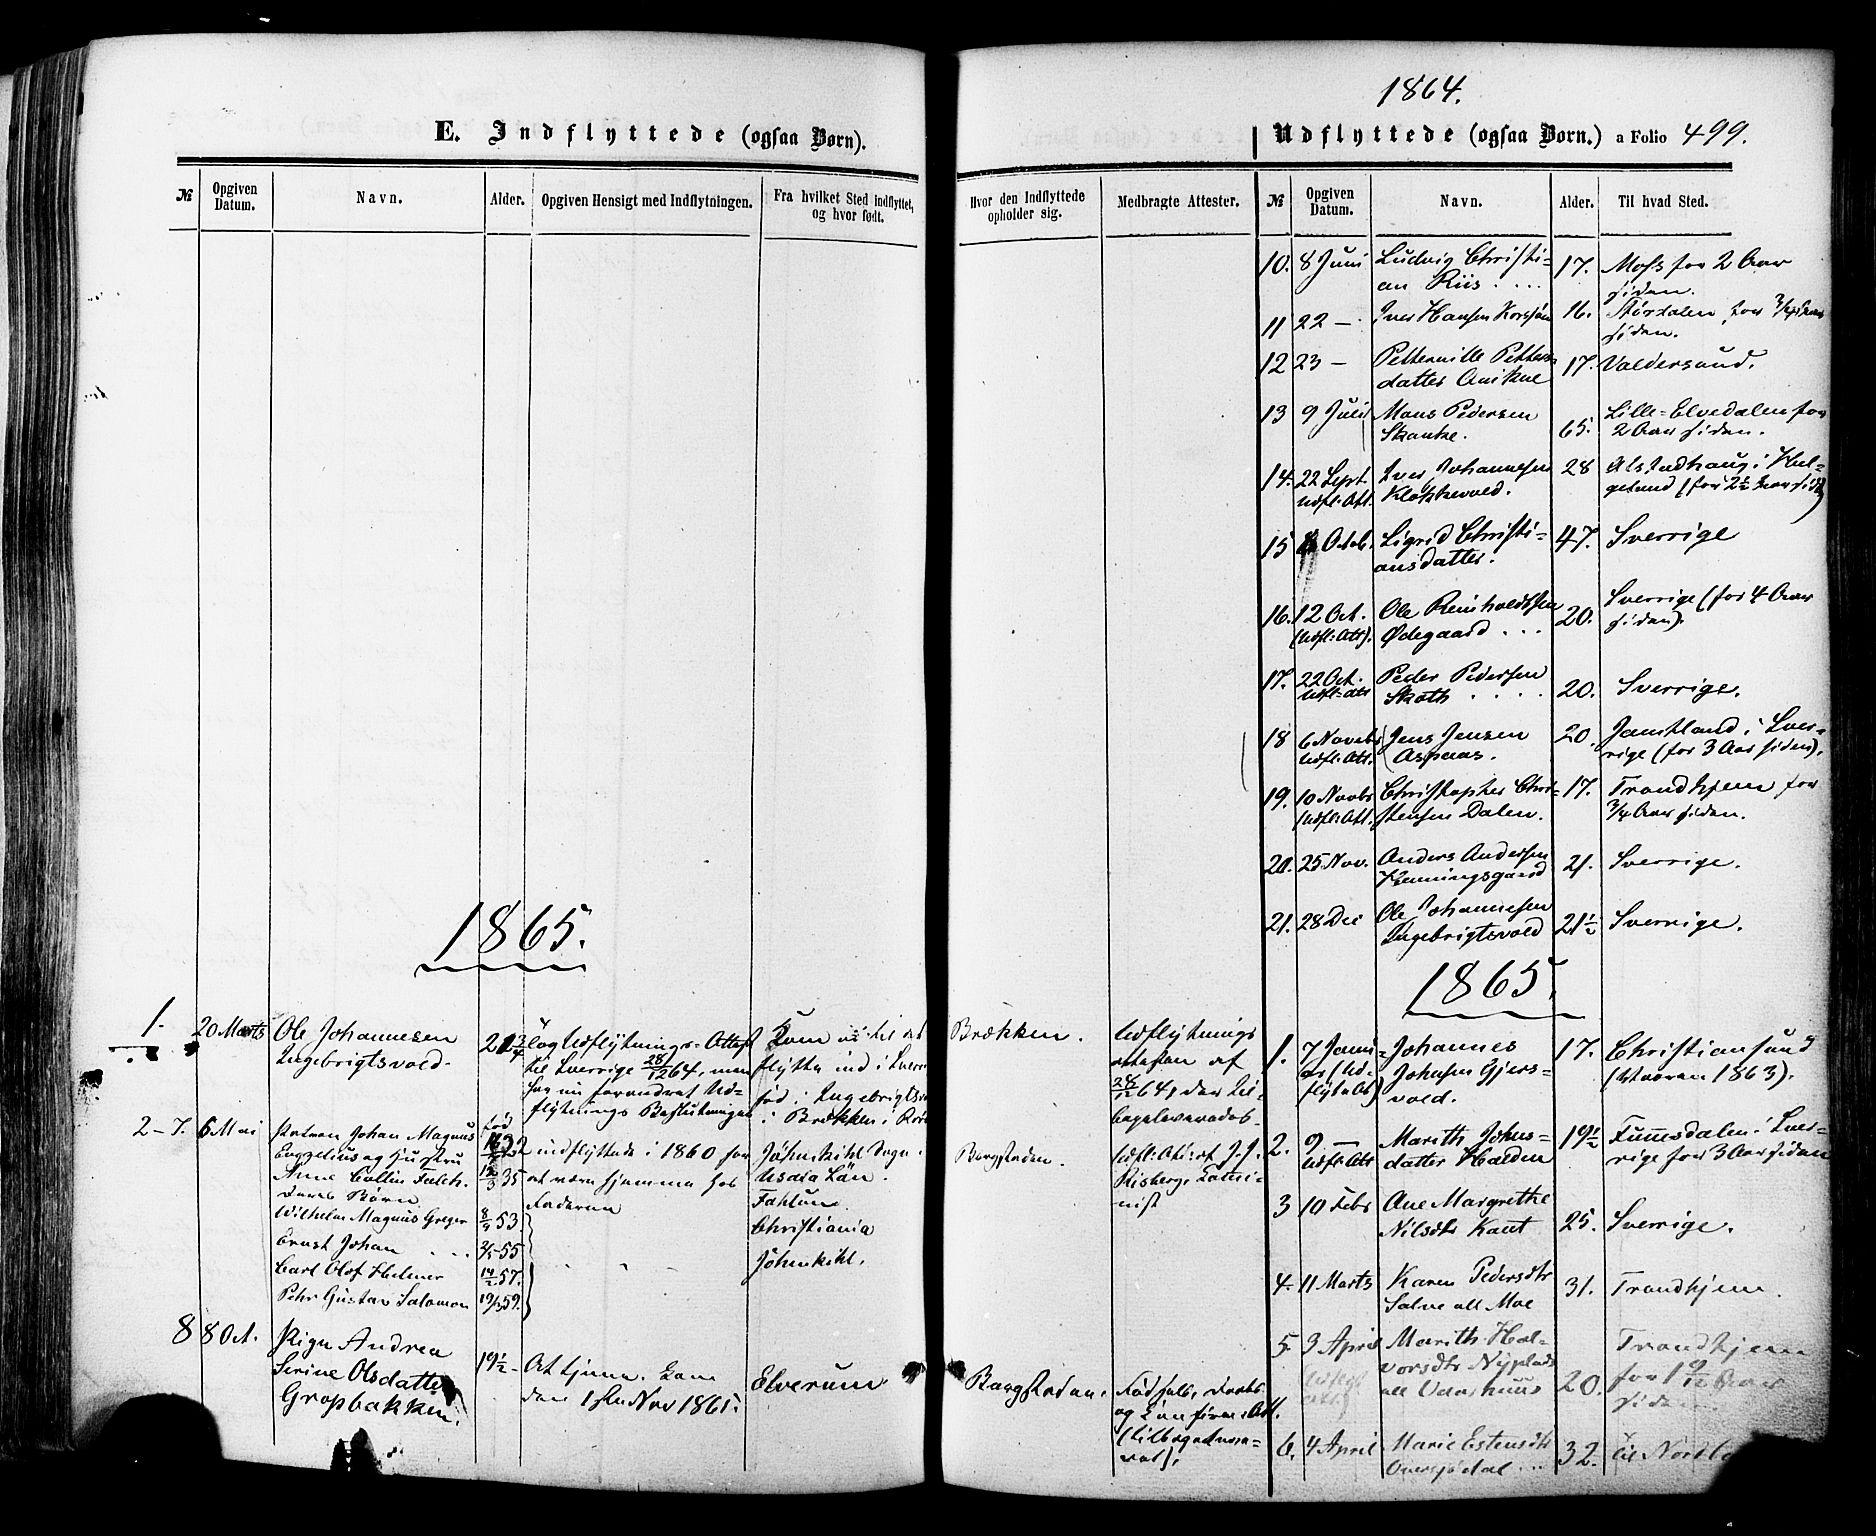 SAT, Ministerialprotokoller, klokkerbøker og fødselsregistre - Sør-Trøndelag, 681/L0932: Ministerialbok nr. 681A10, 1860-1878, s. 499